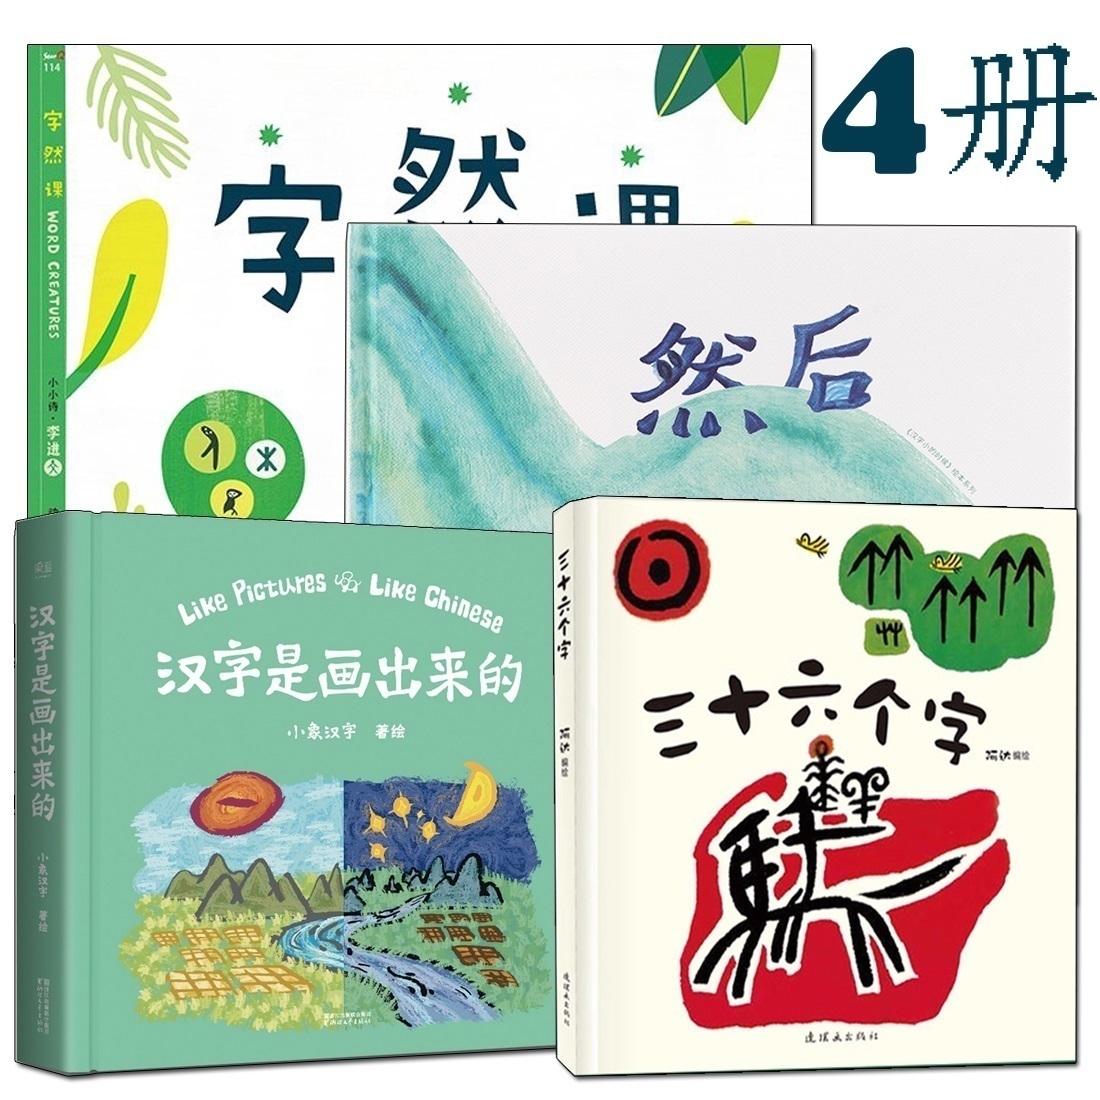 套装4册 三十六个字+然后+字然课+汉字是画出来的 儿童图书绘本连环画字图画书教识字绘本幼儿亲子阅读书籍 3-4-5-6-7-8岁汉字世界